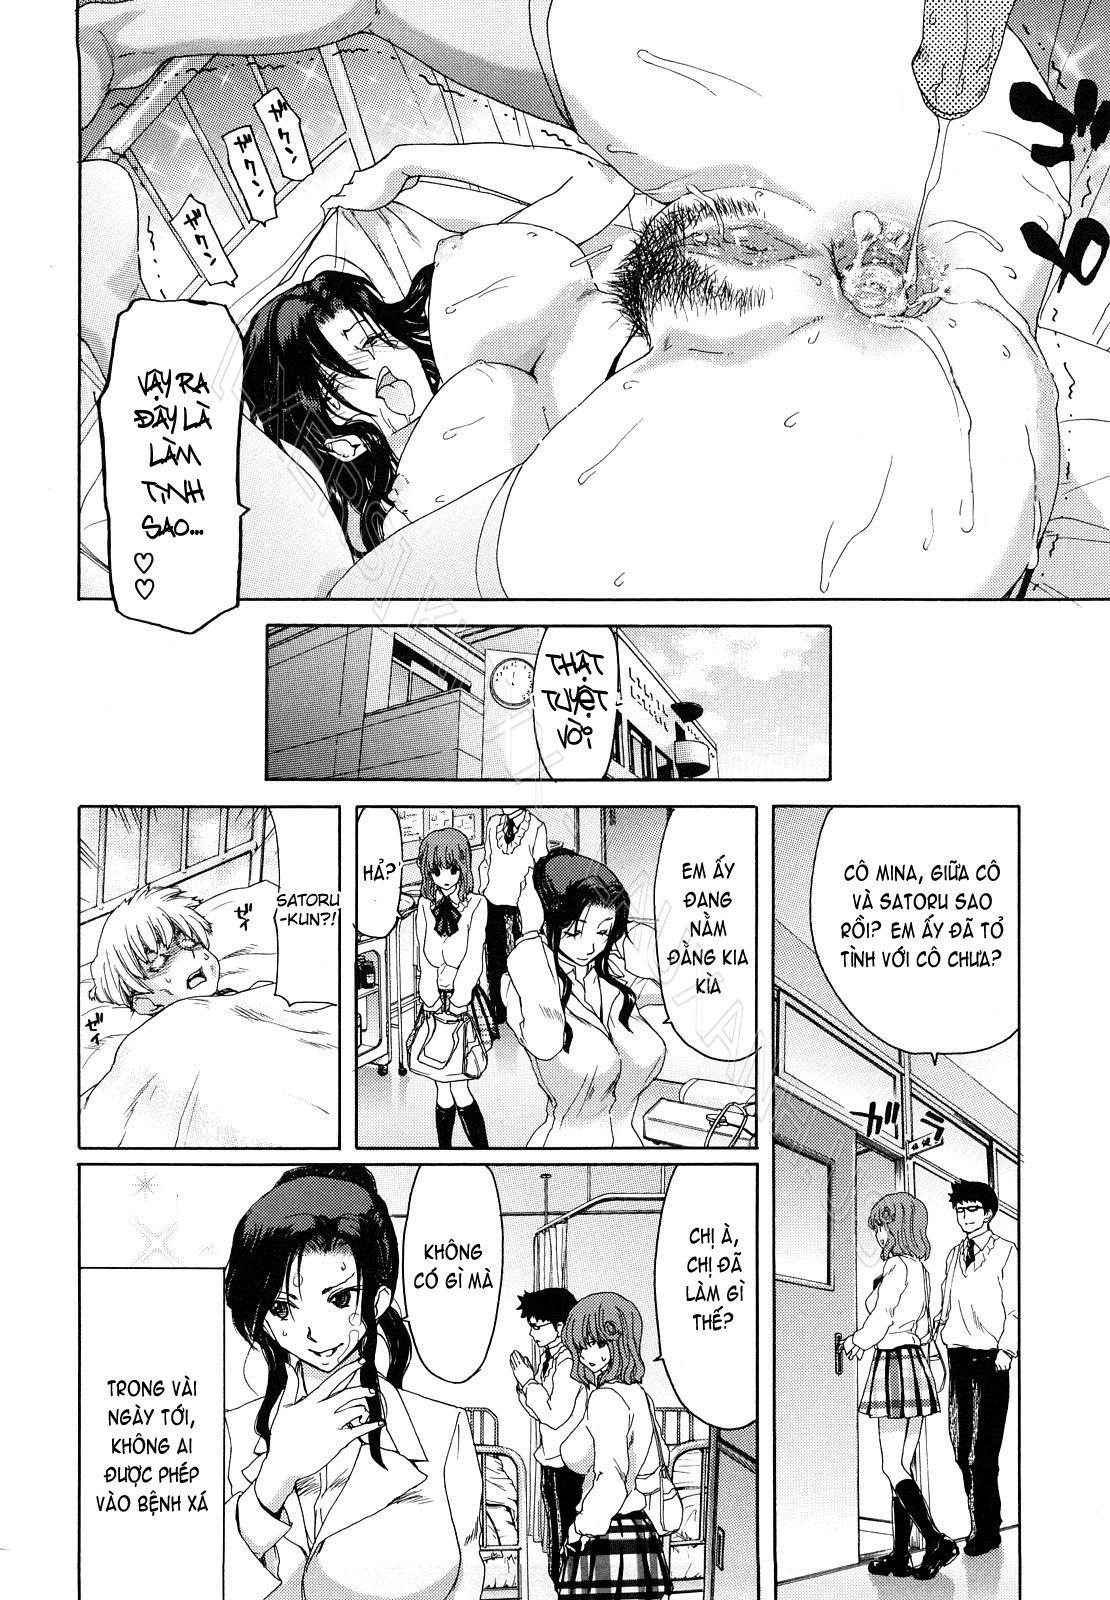 Hình ảnh Hinh_023 trong bài viết Bú Cặc trong phòng thay đồ Full màu không che